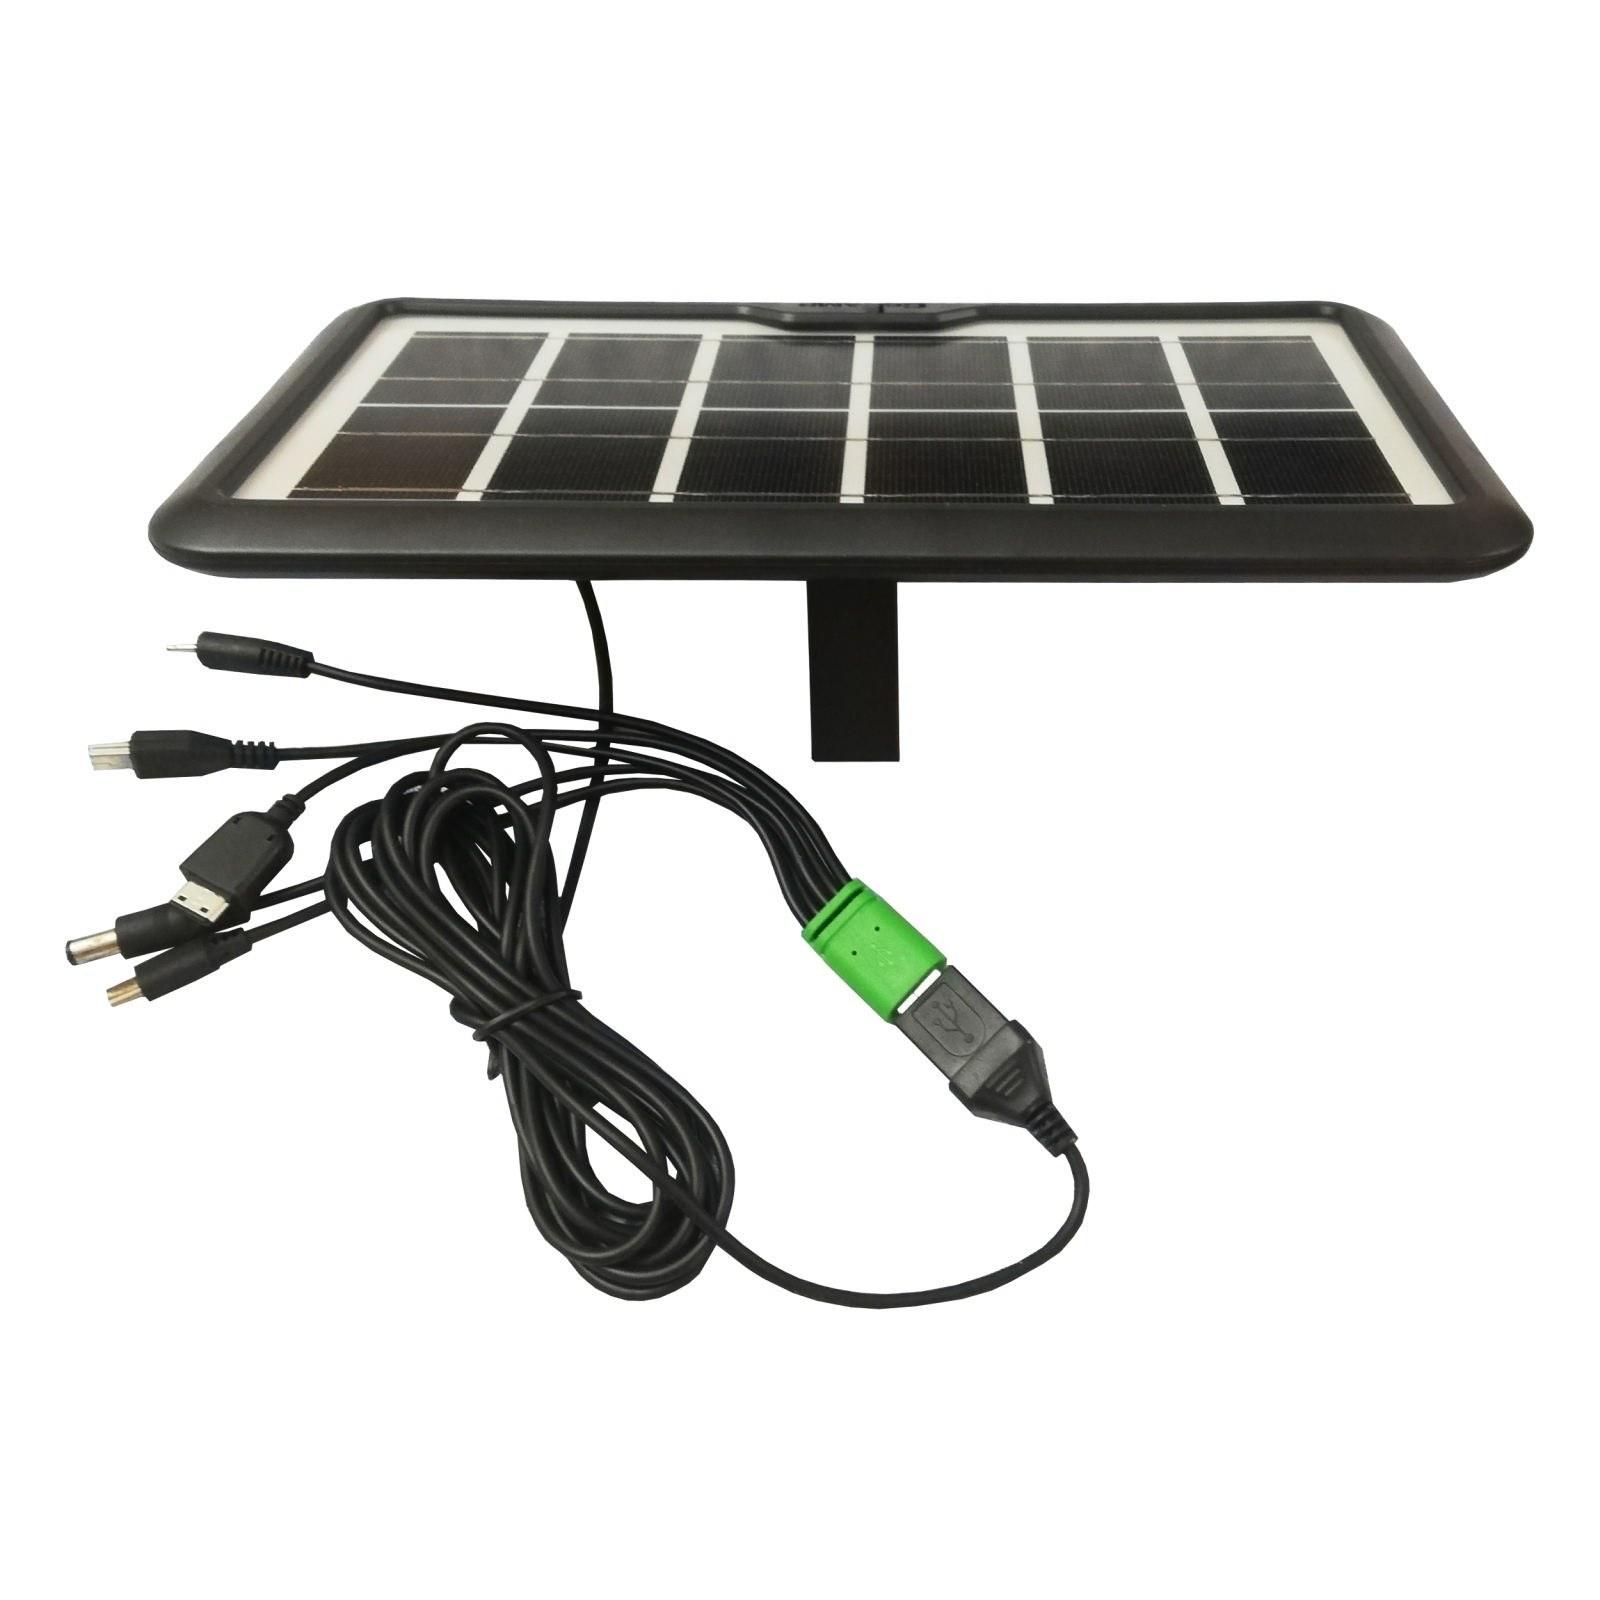 تصویر پنل خورشیدی سی سی لمپ مدل CL-638WP